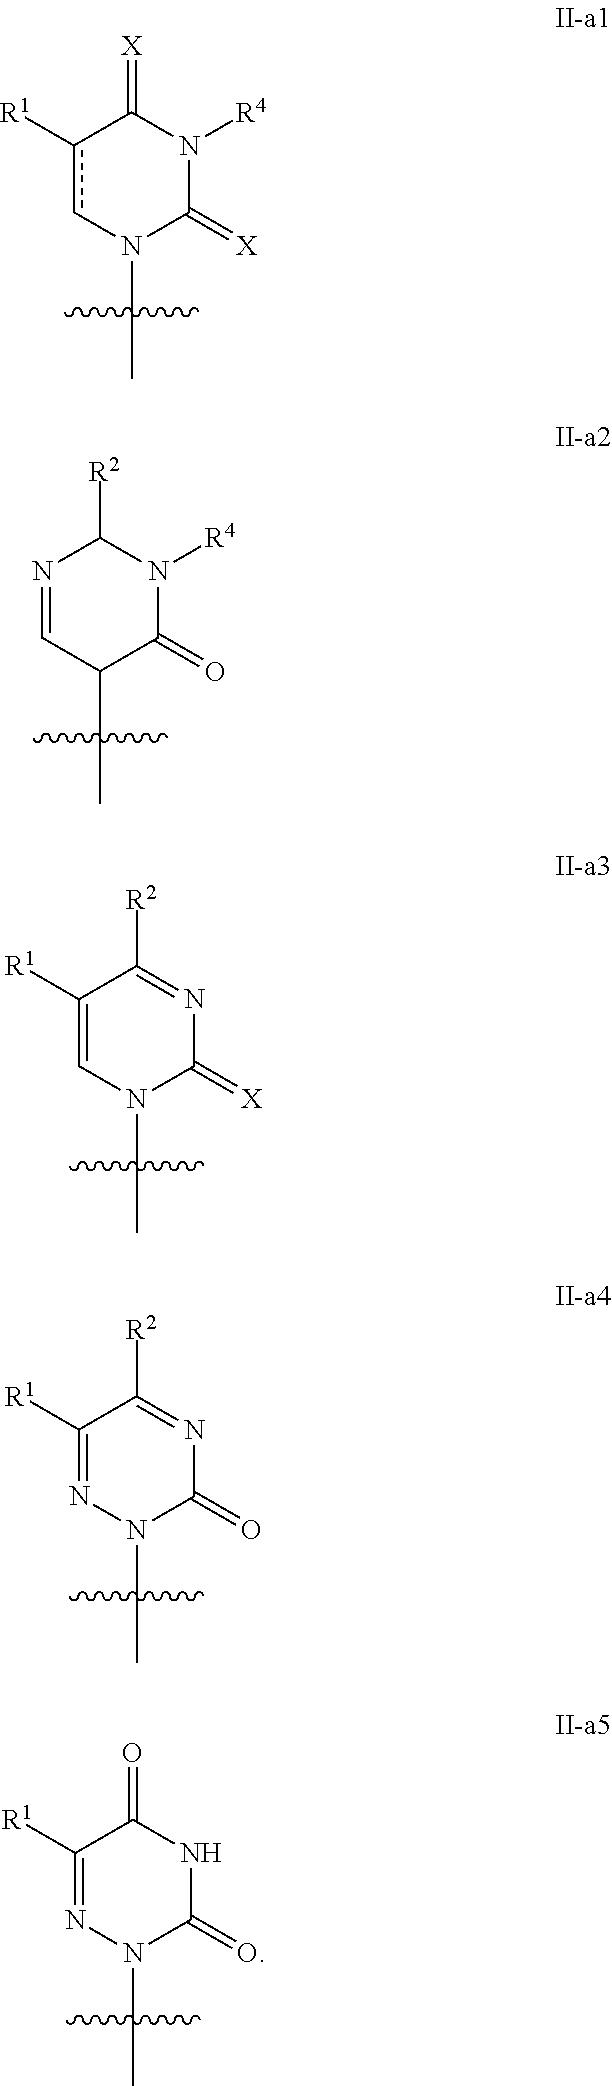 Figure US09657295-20170523-C00037